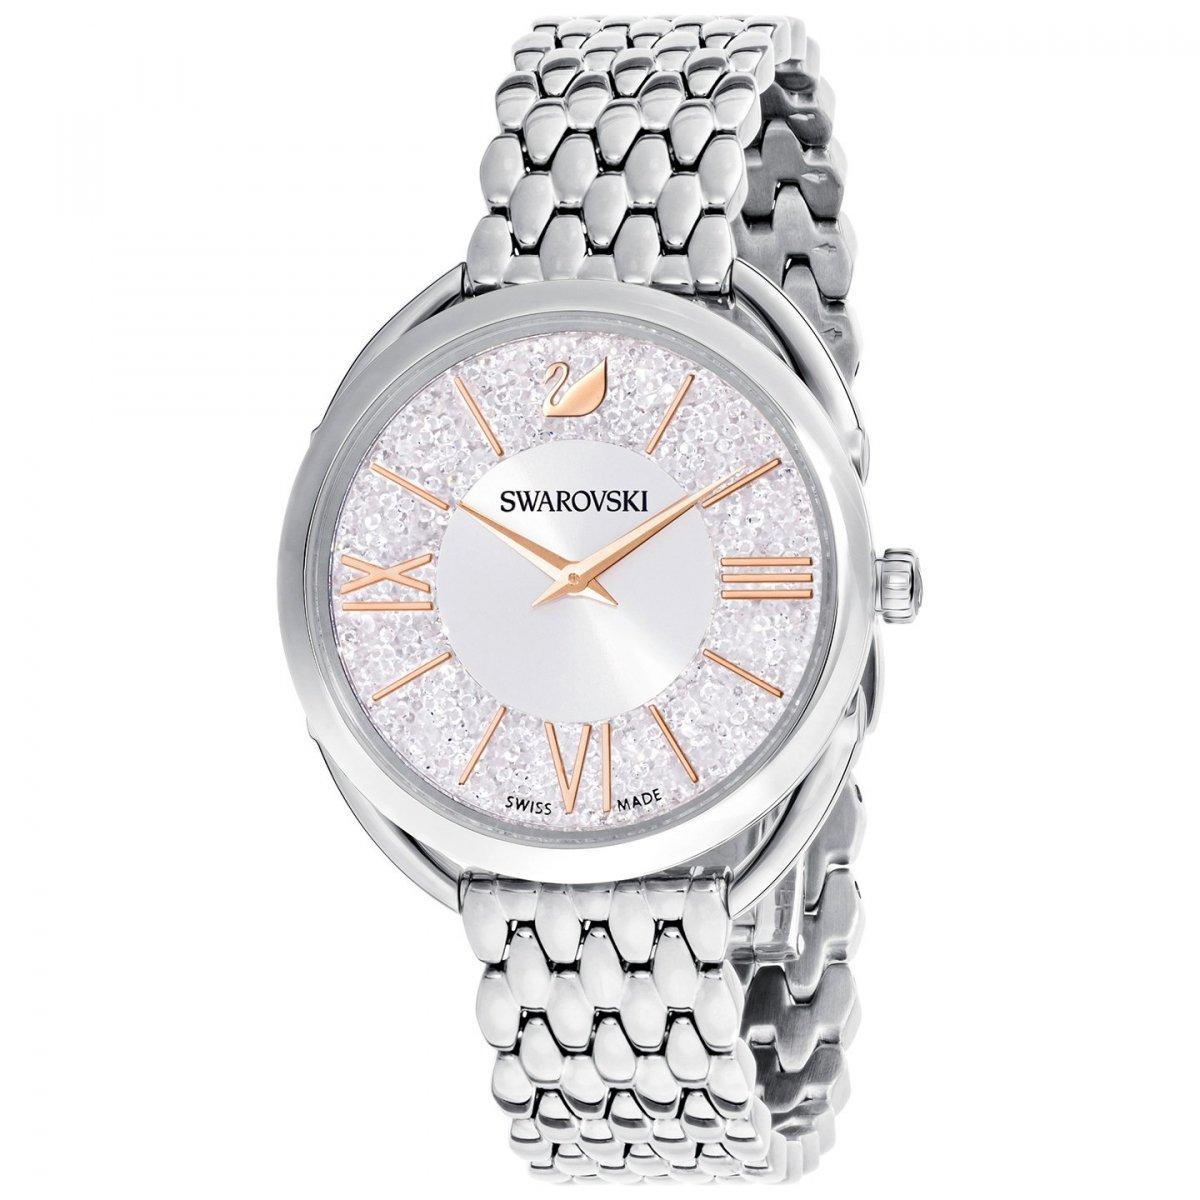 fd64de3b zegarek Swarovski 5455108 • ONE ZERO • Modne zegarki i biżuteria •  Autoryzowany sklep